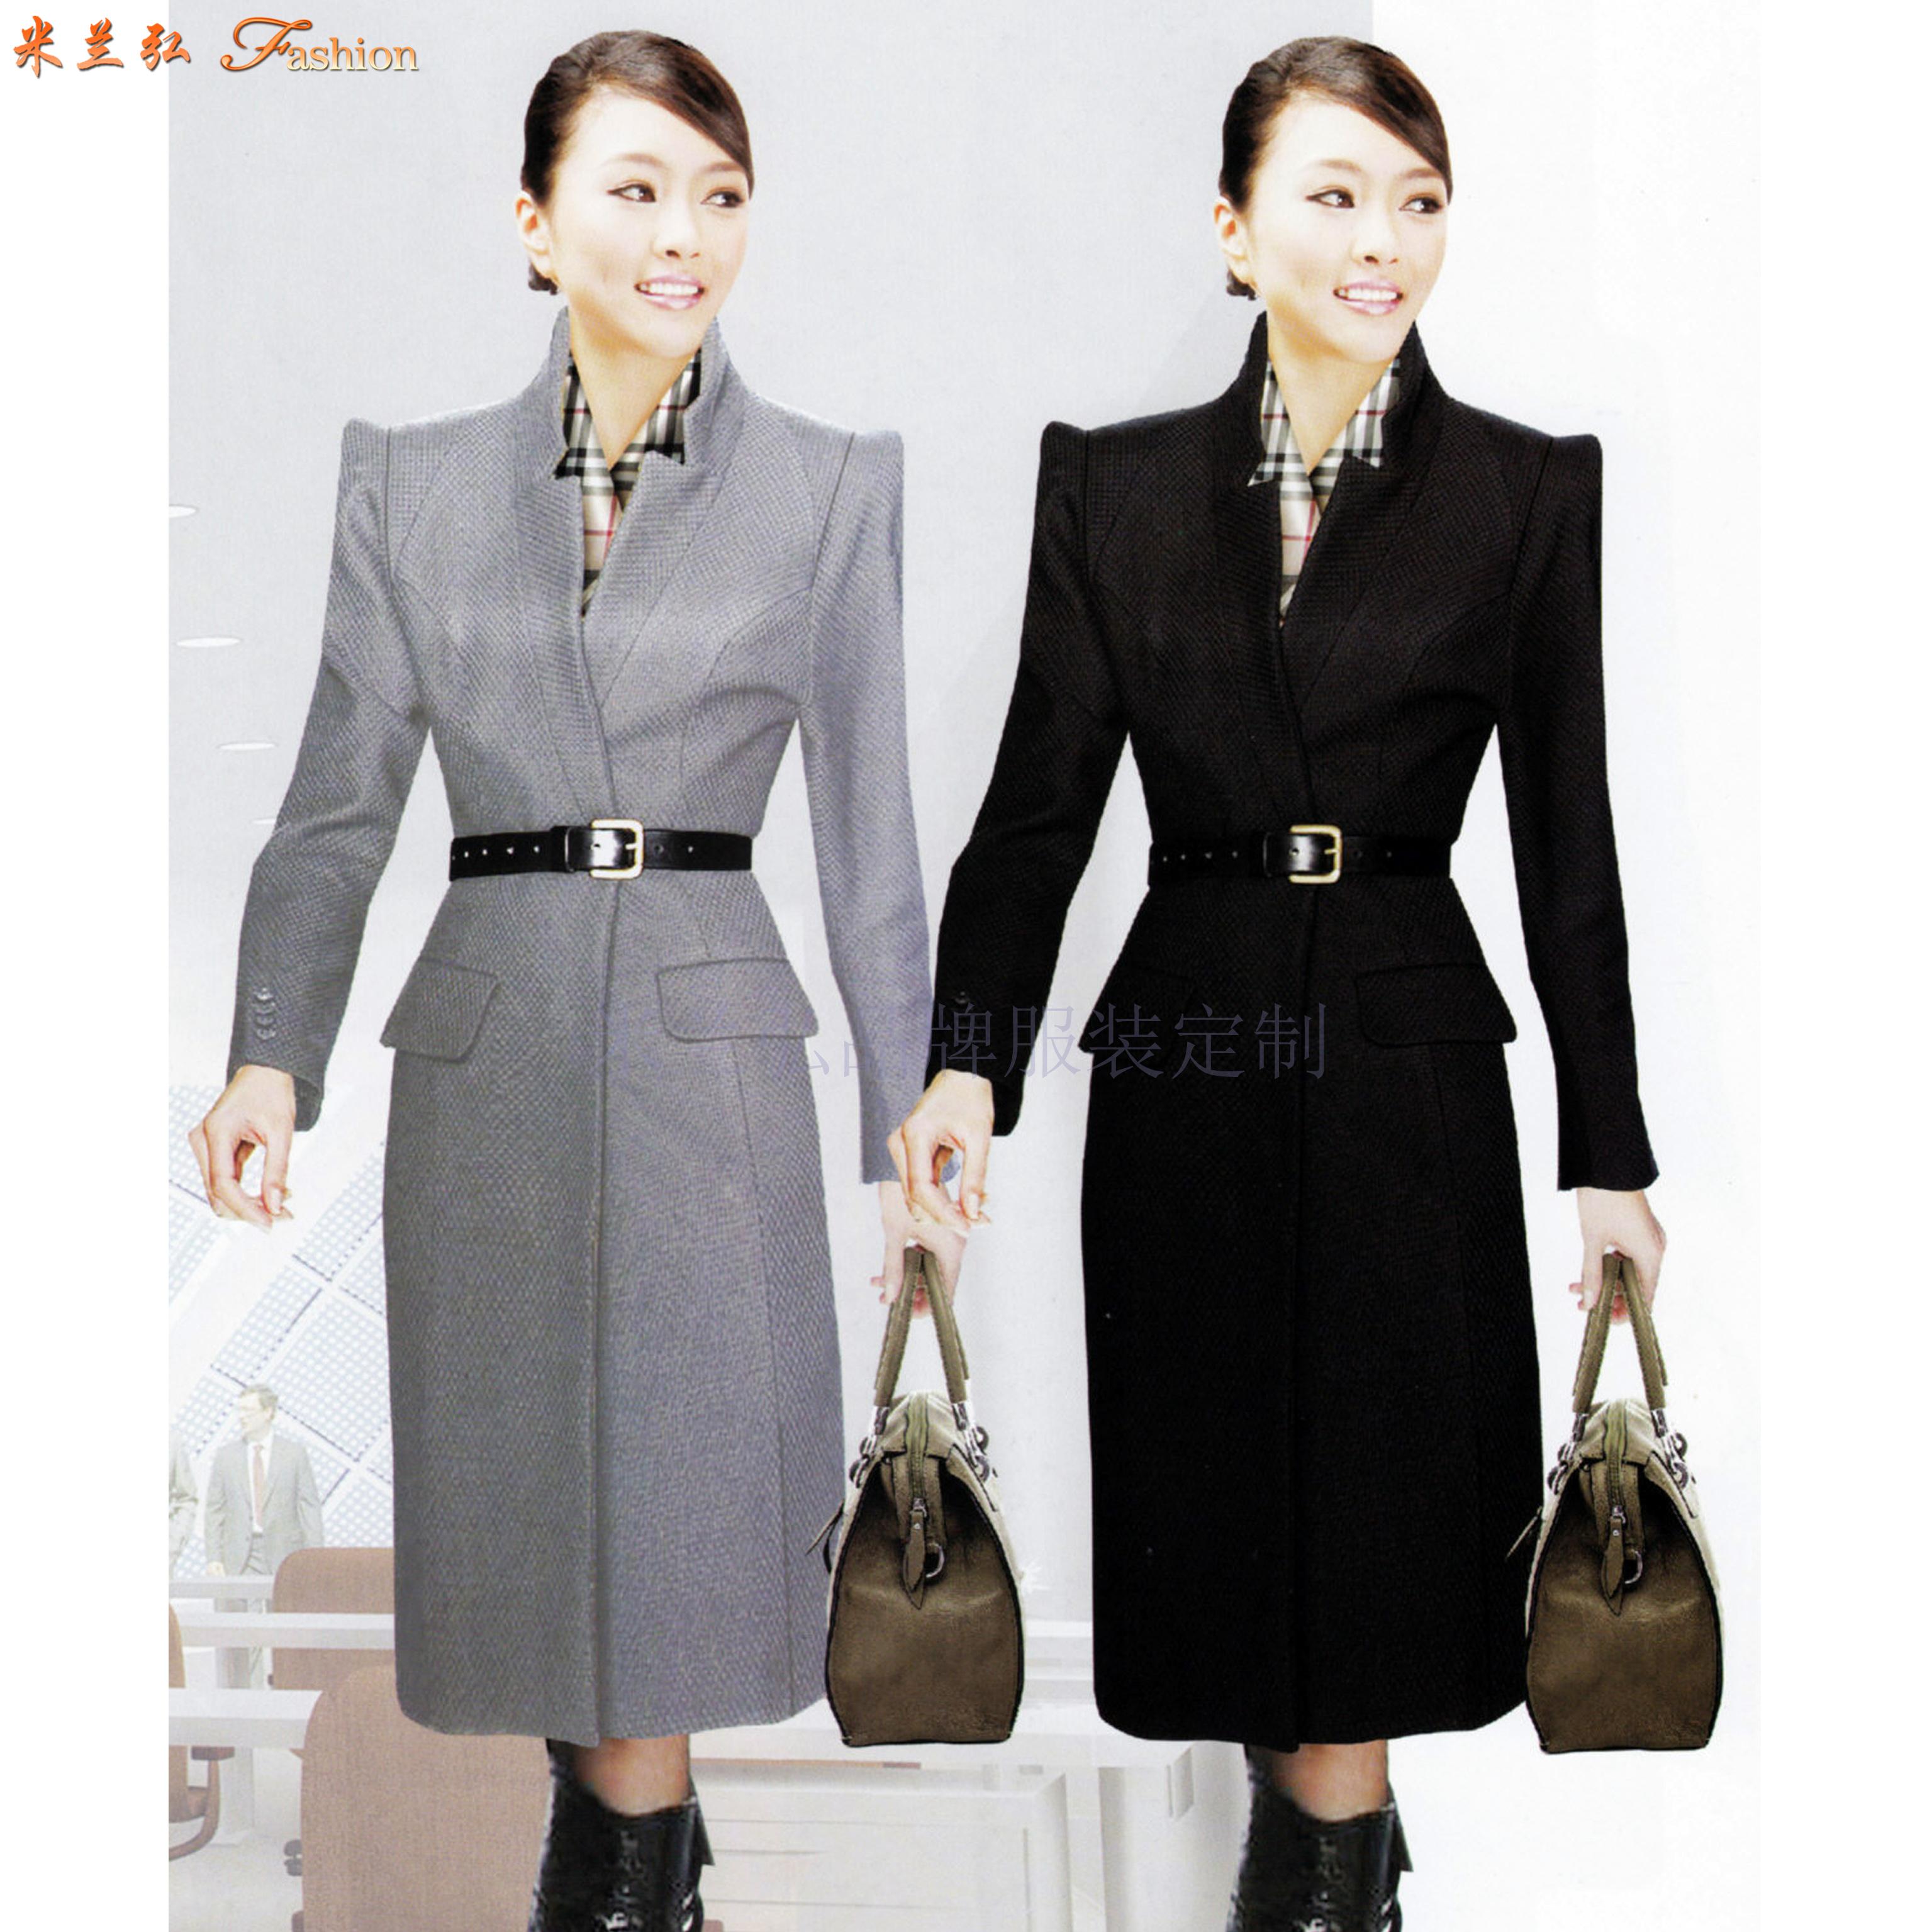 「寧夏大衣」固原市量體訂做羊毛保暖大衣工廠-米蘭弘服裝-5